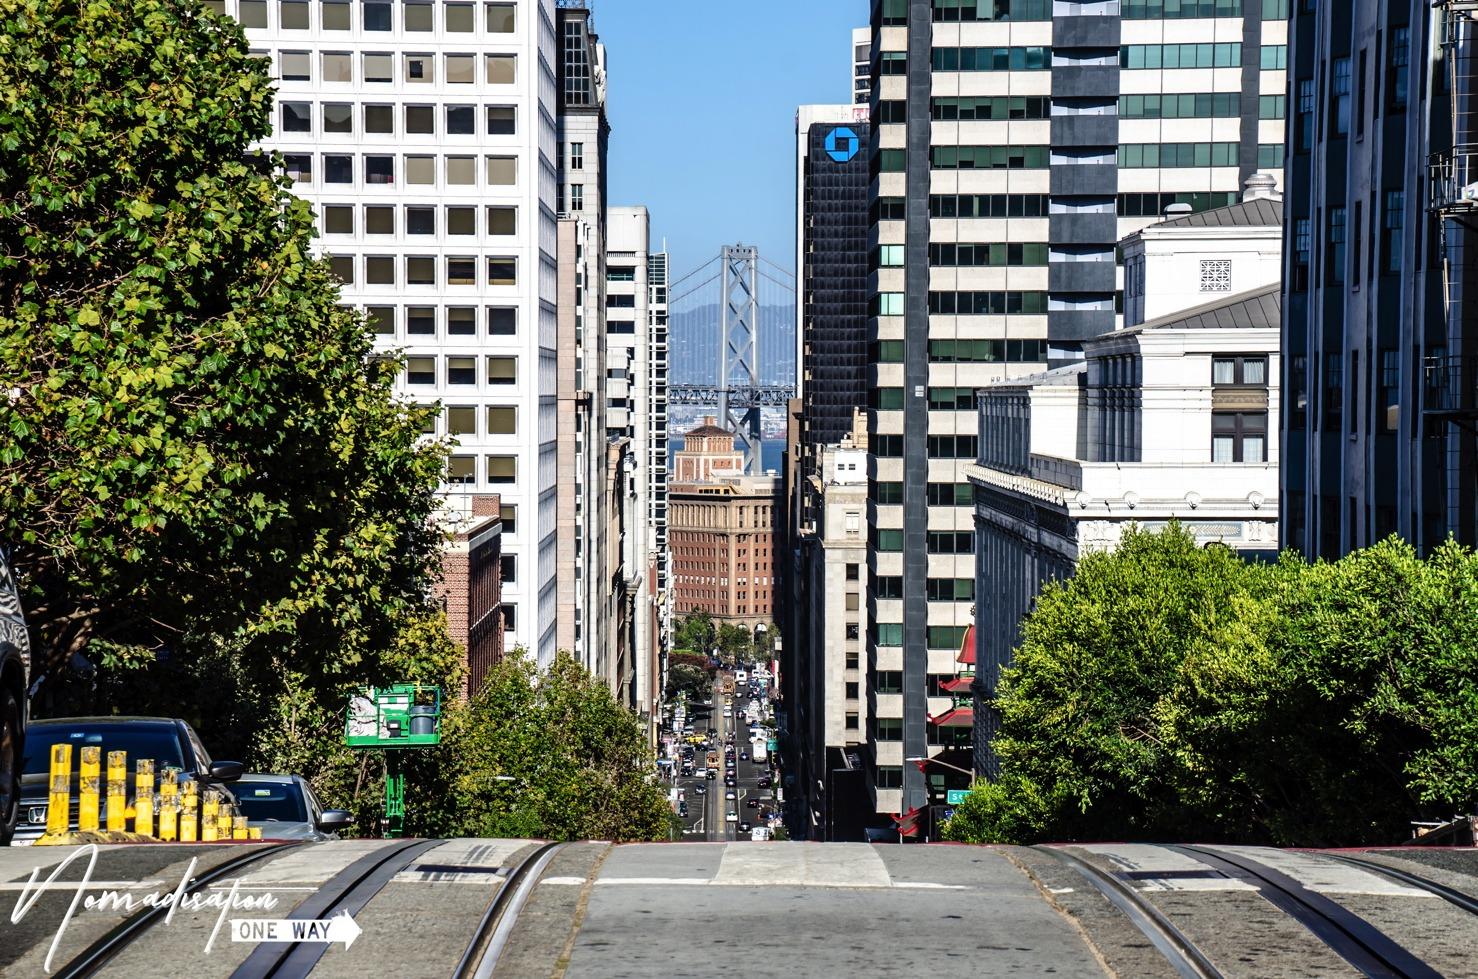 Vitesse datant de plus de 50 San Francisco